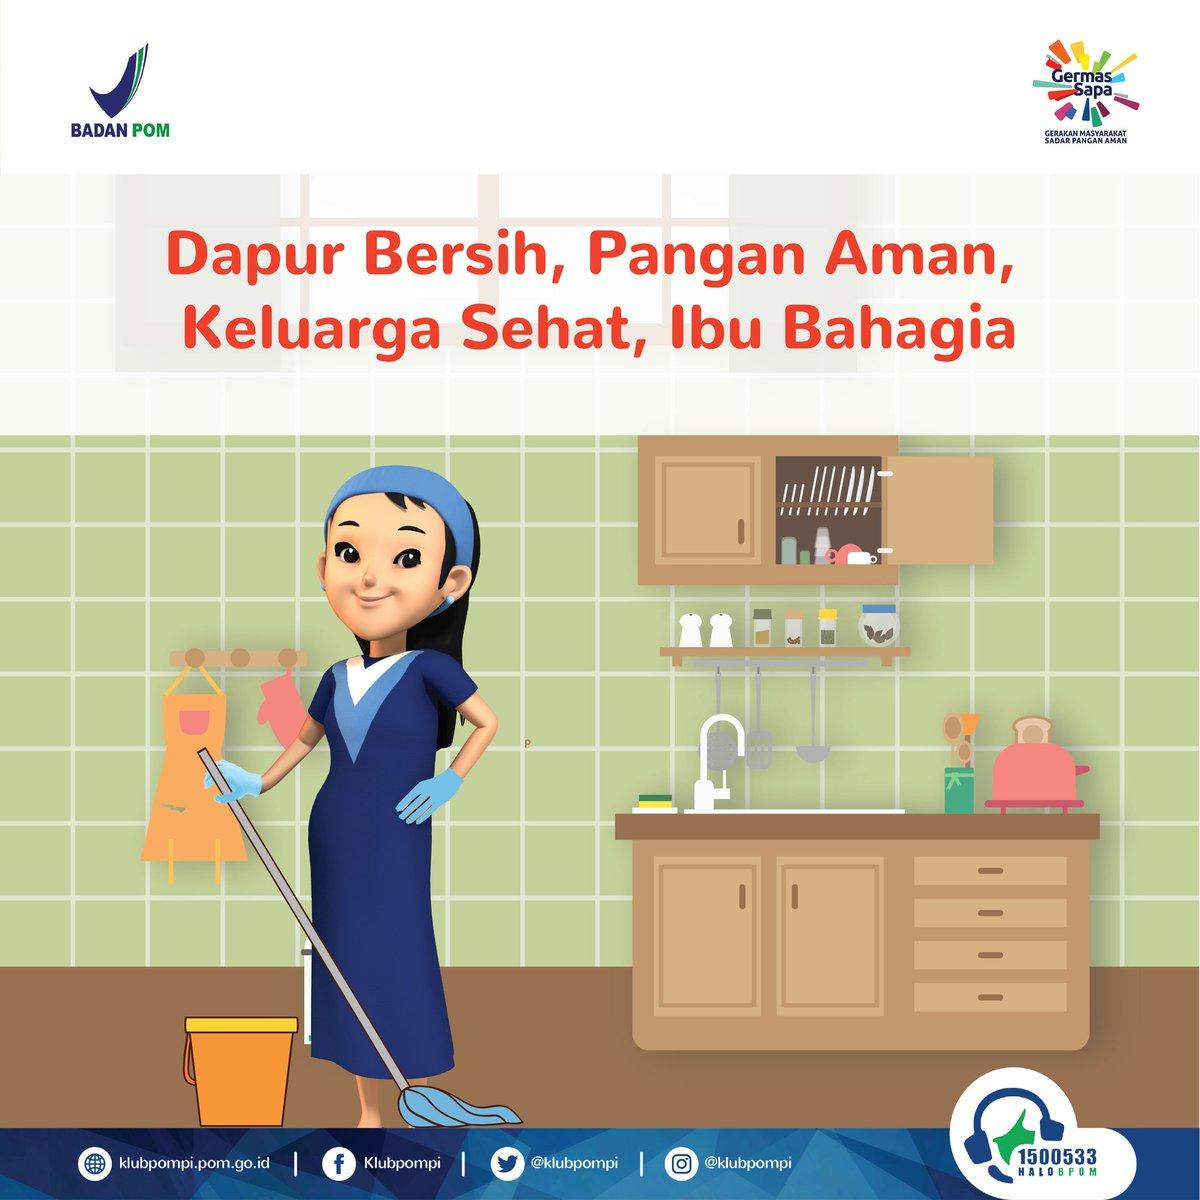 Oleh Karena Itu Menjaga Kebersihan Dapur Sangatlah Penting Indonesiajuara Panganaman Foodsafety Kebersihandapur Kesehatan Kulinerpic Twitter